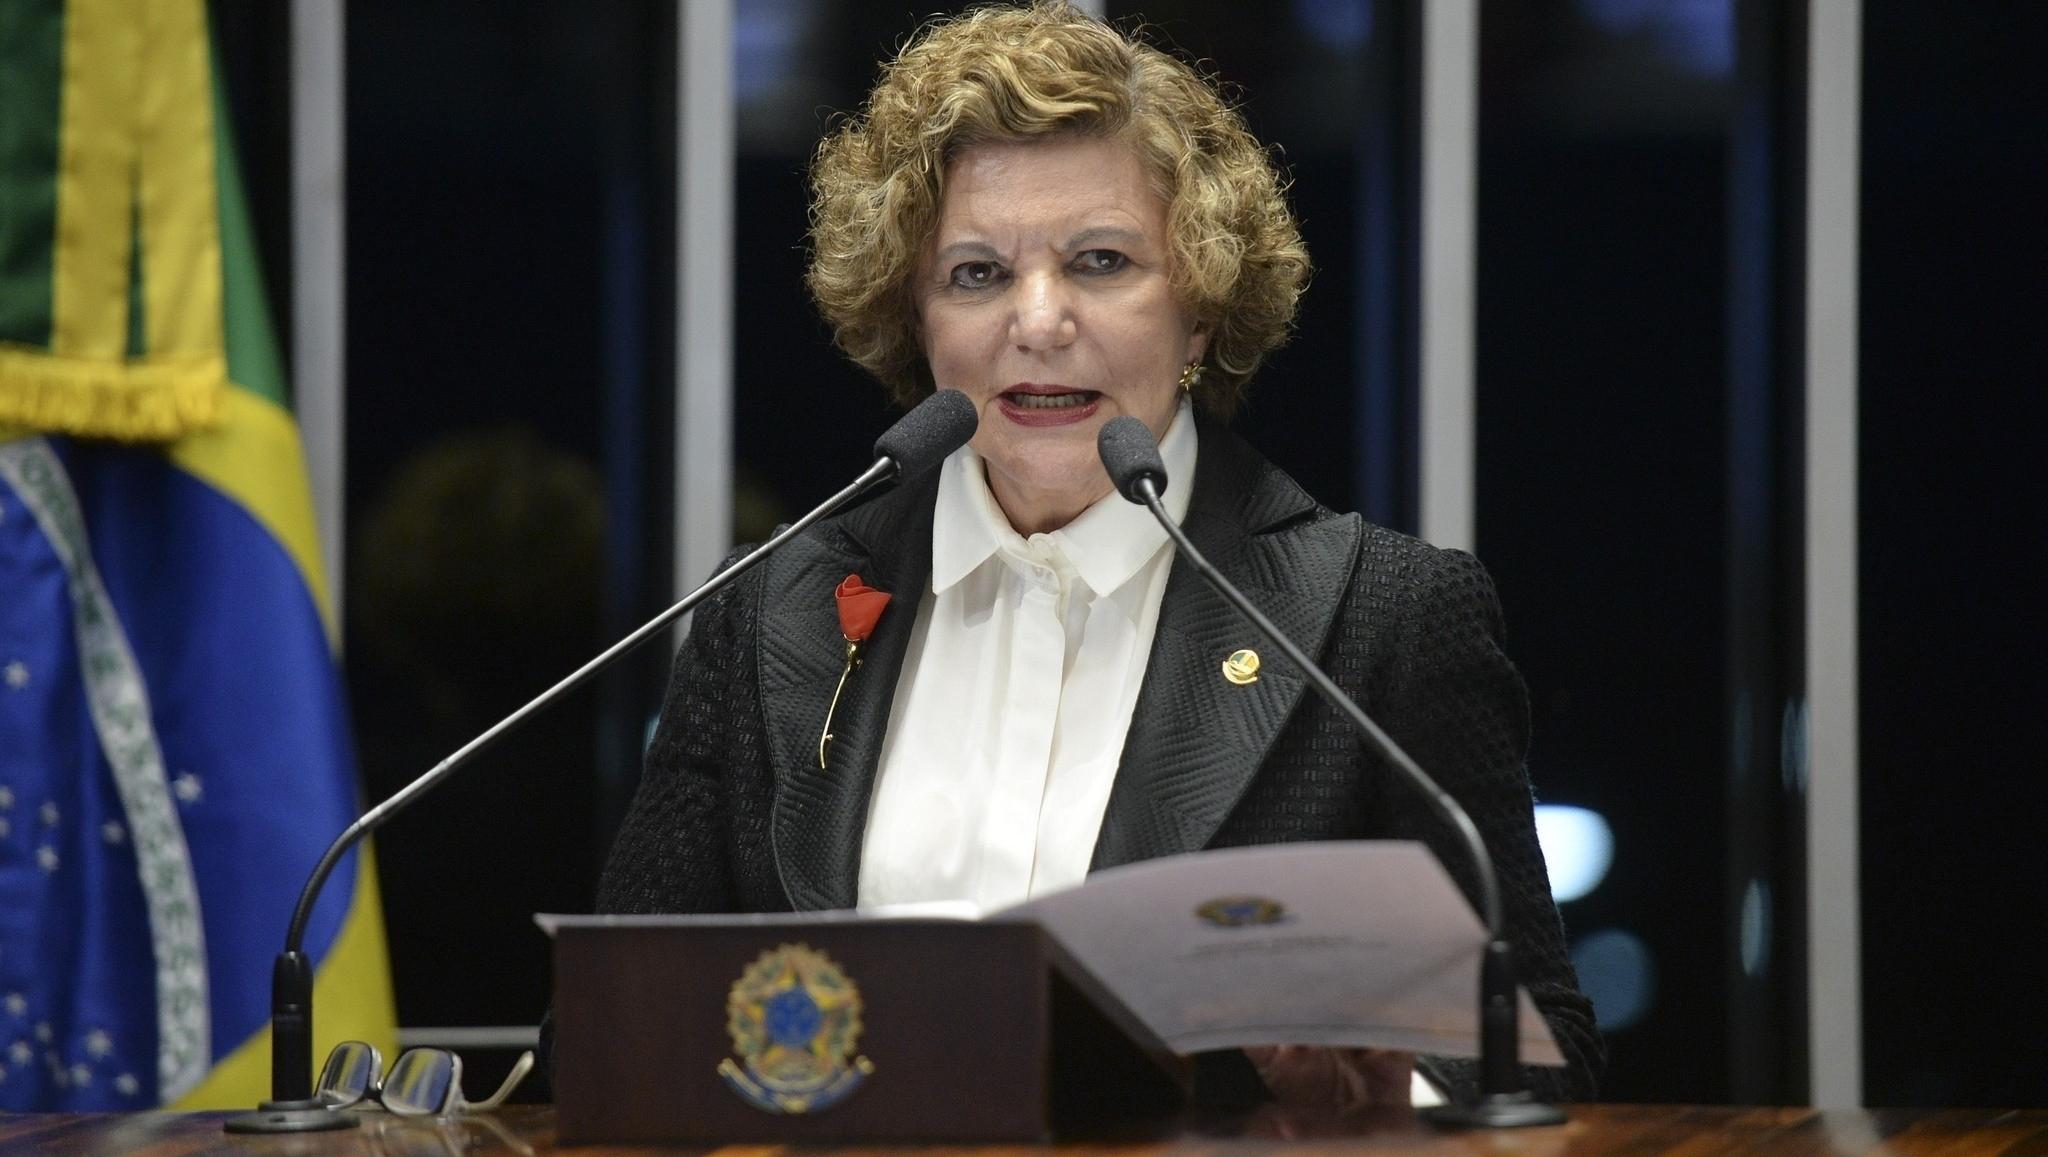 Aurélio Buarque de Holanda disse que Lúcia Vânia era a primeira-dama mais bonita do Brasil